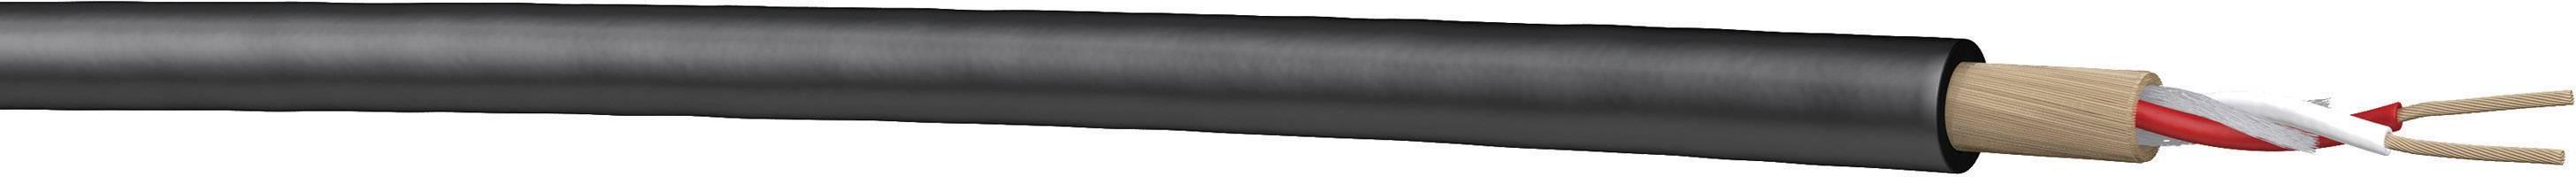 Mikrofónový kábel DRAKA 1002099, 1 x 2 x 0.22 mm², čierna, metrový tovar